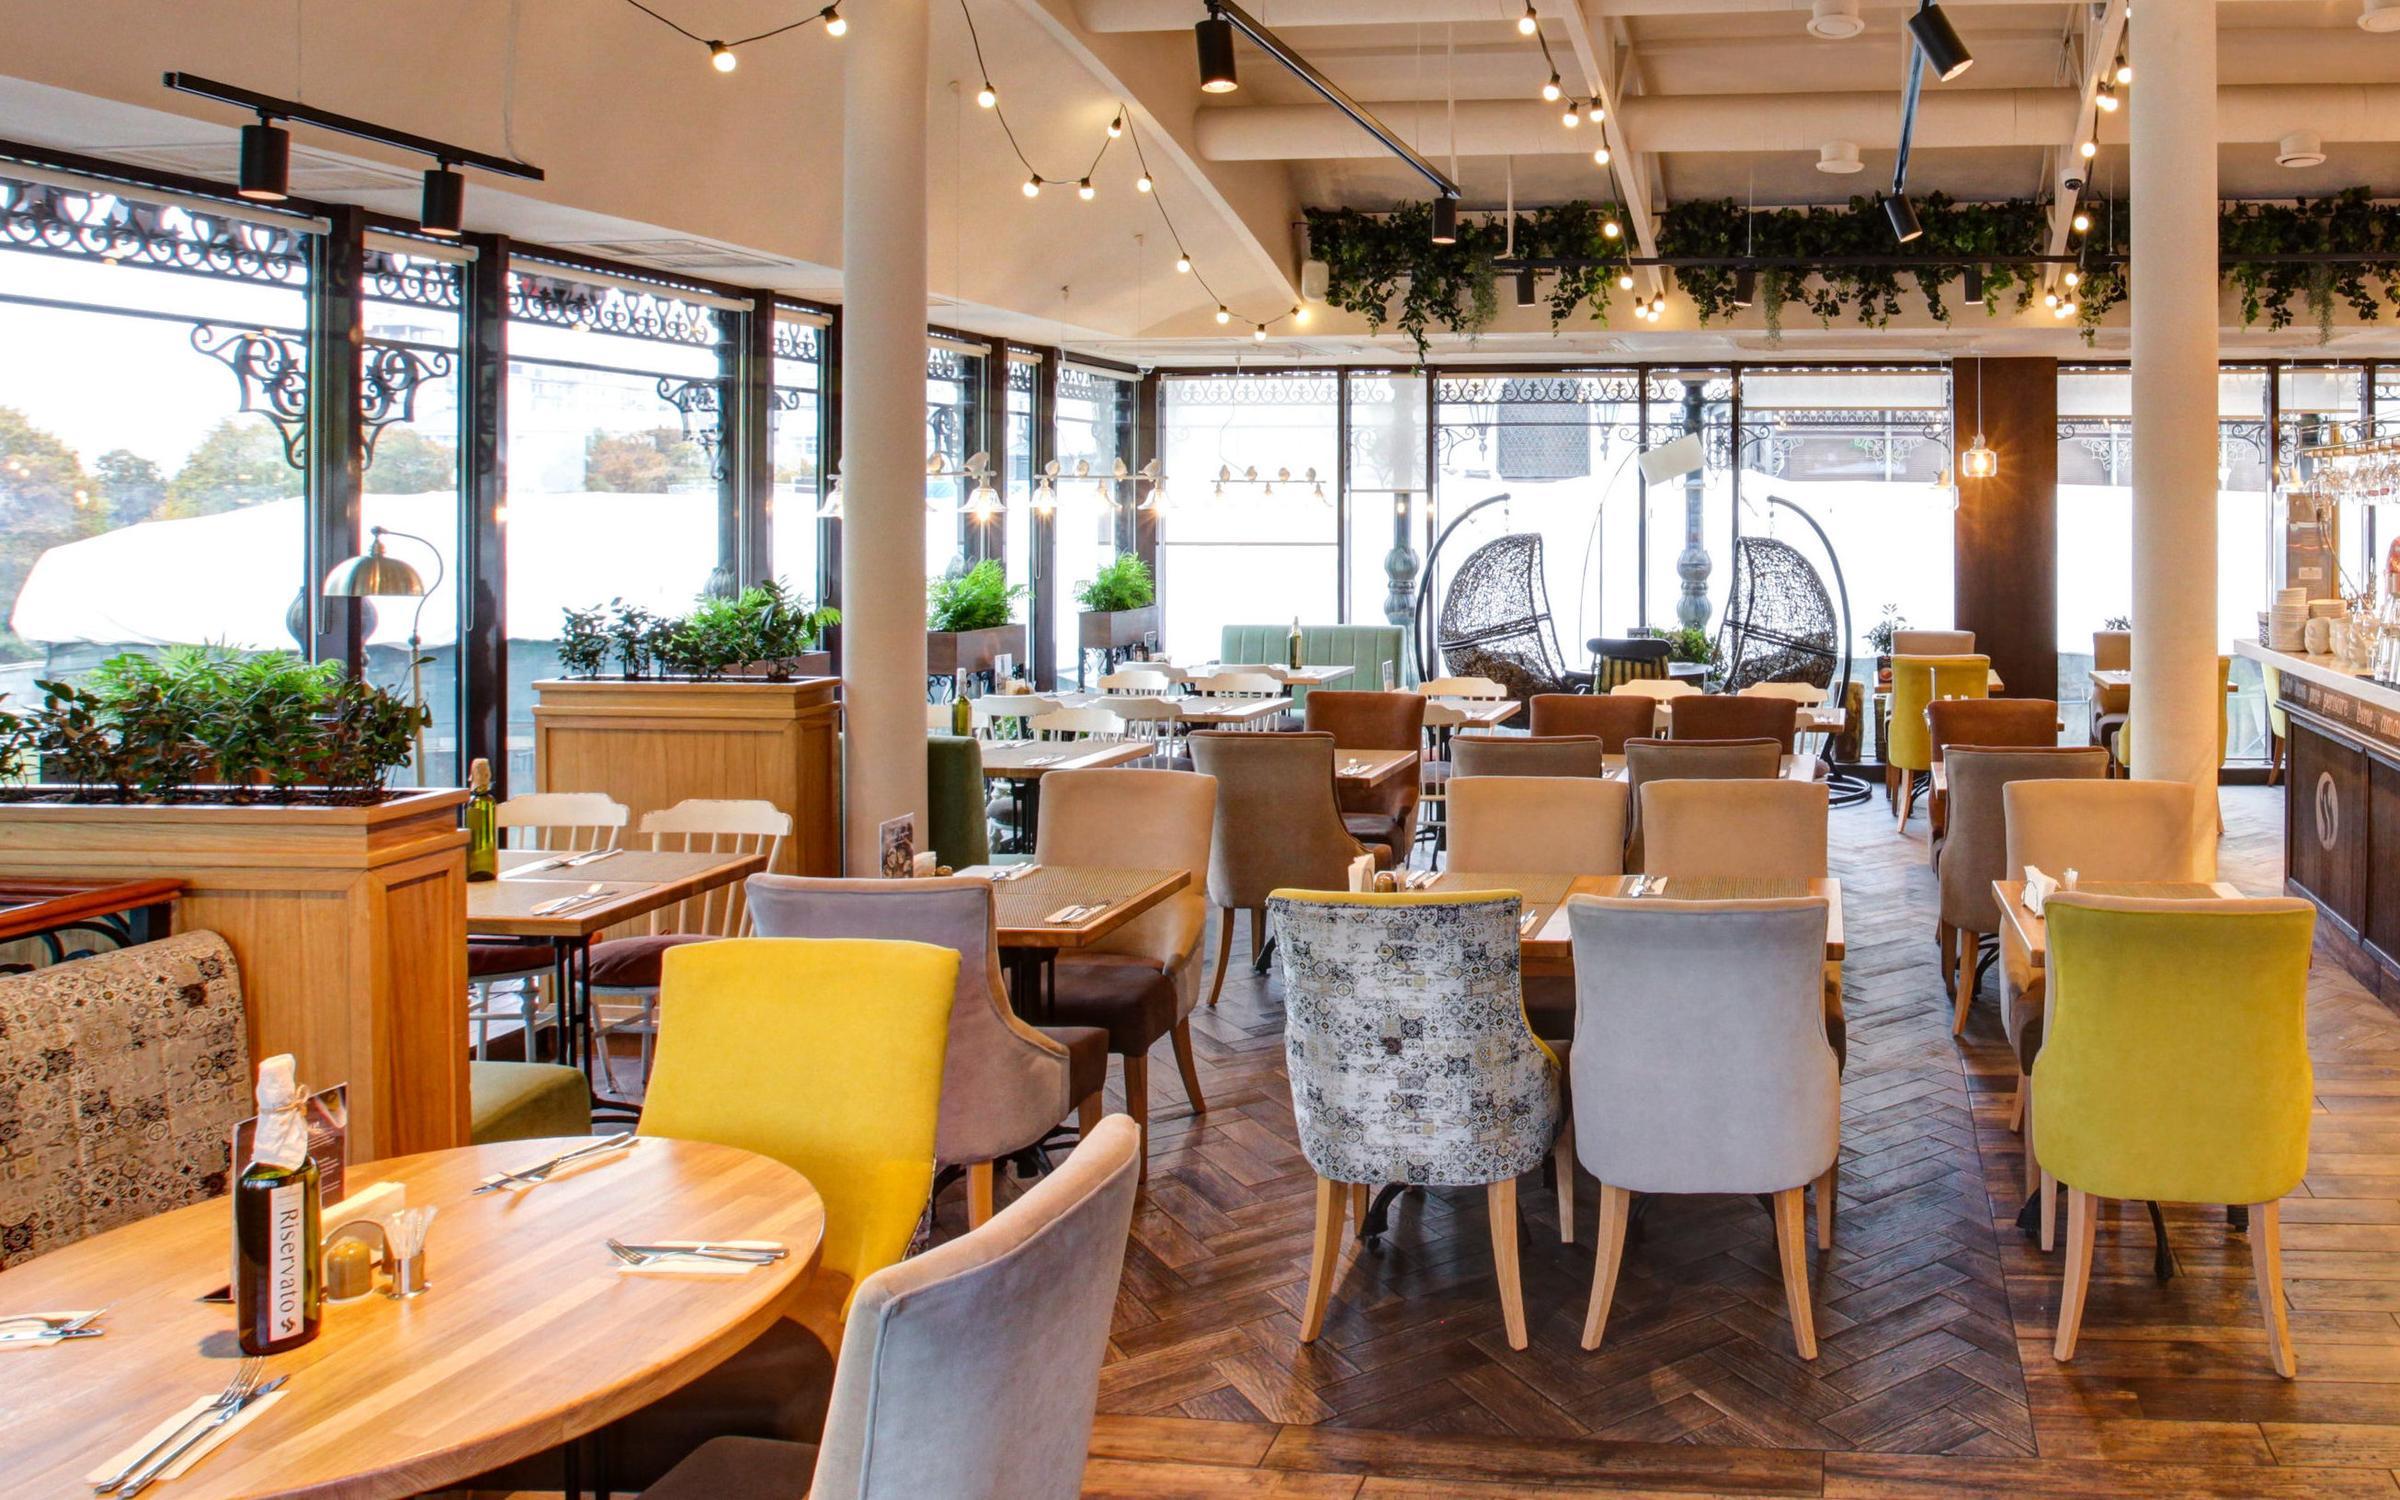 фотография Семейного итальянского ресторана IL Патио в Хамовниках